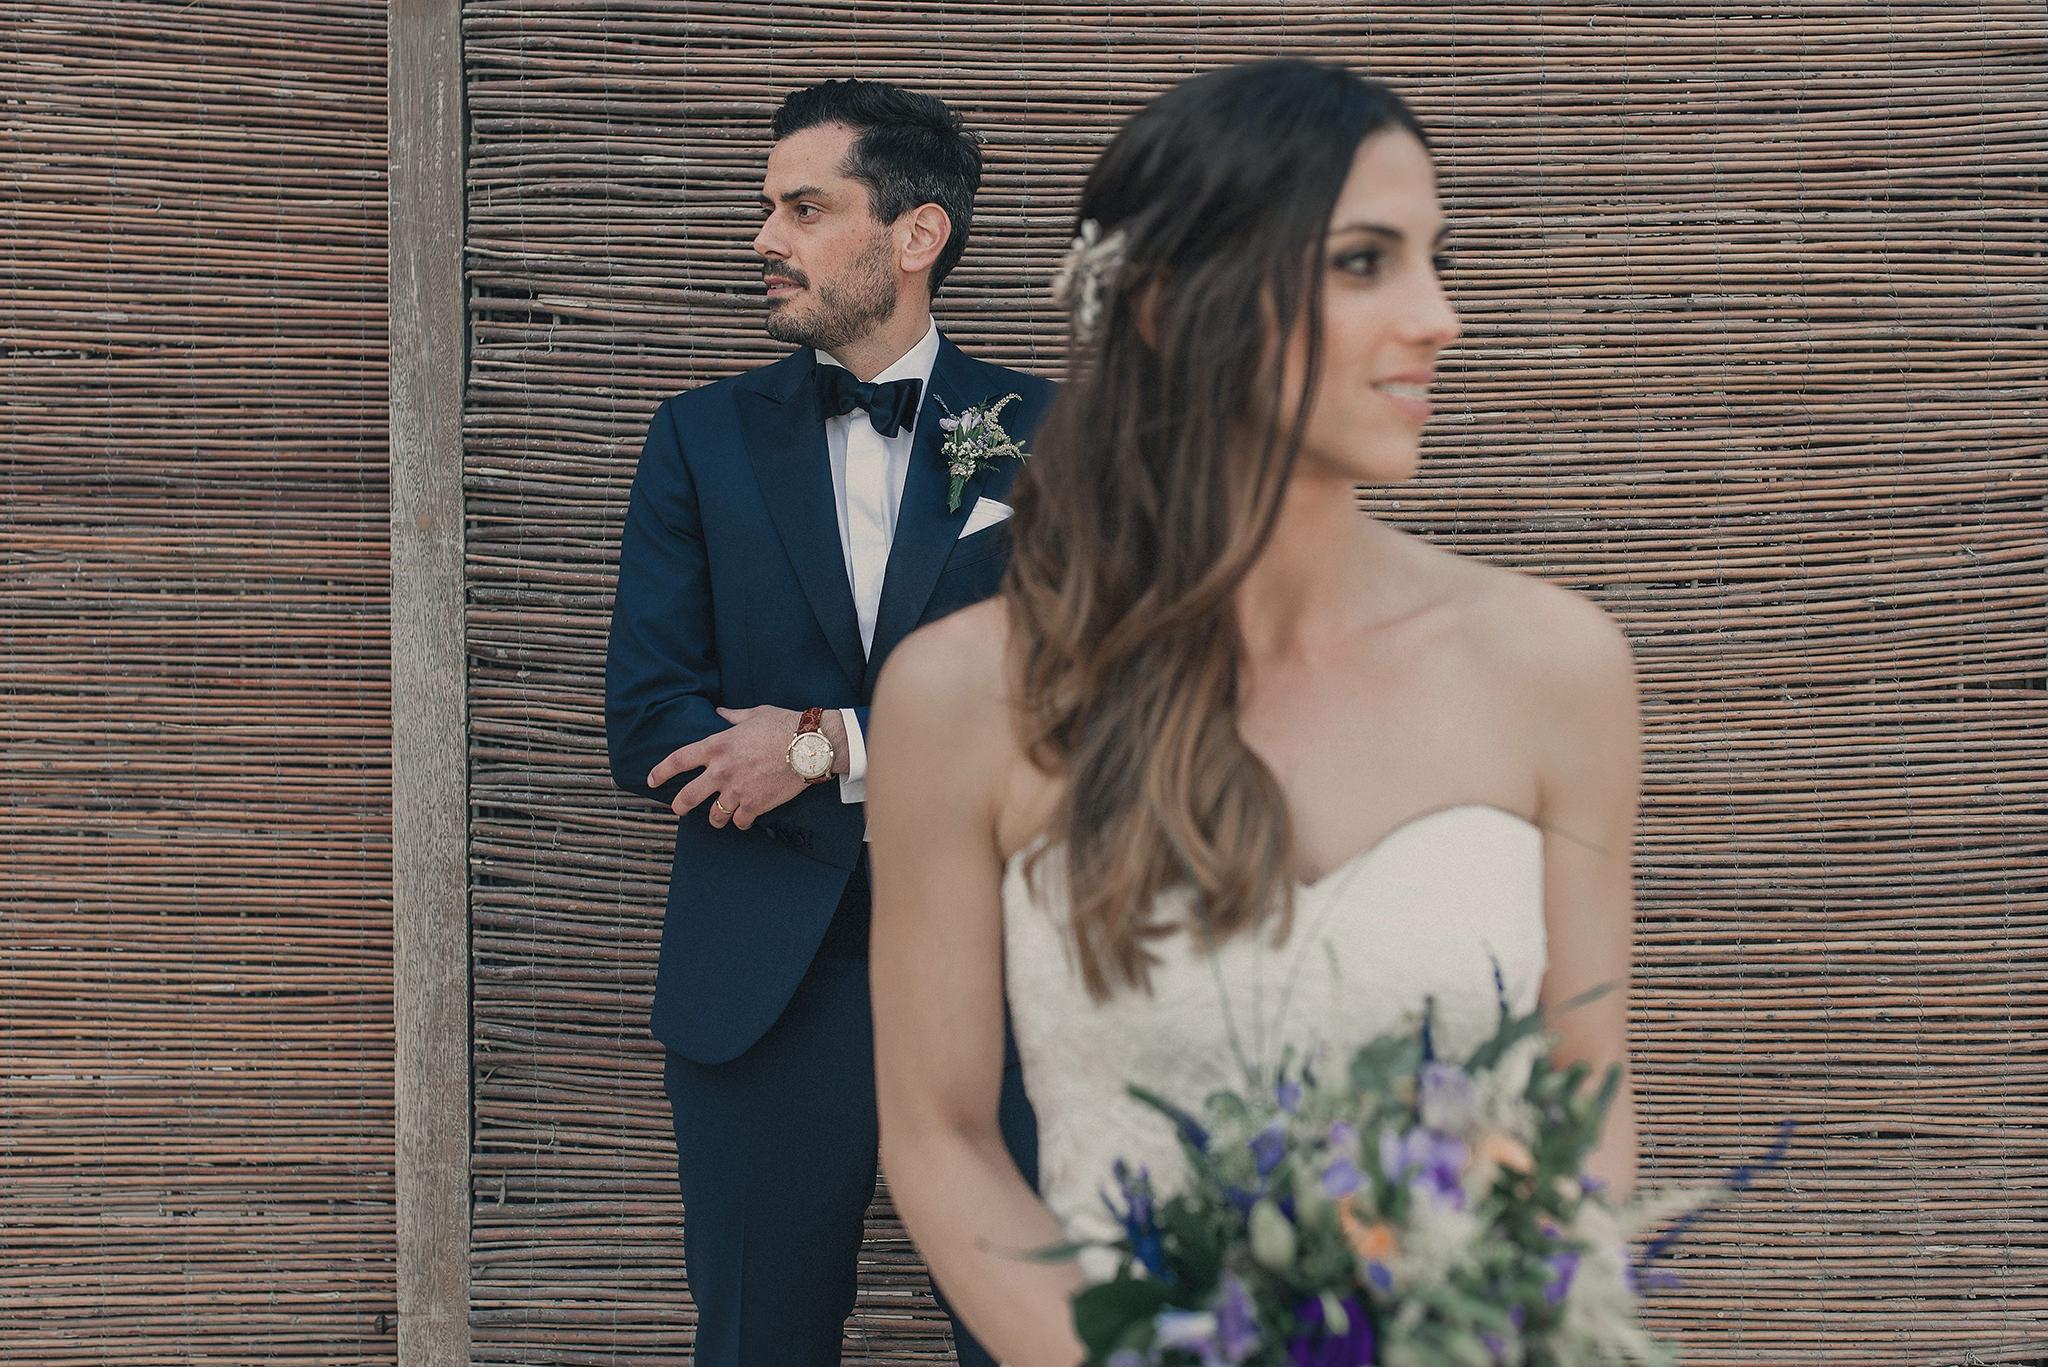 fotografia-profesional-de-boda-en-alicante-michele-y-angela